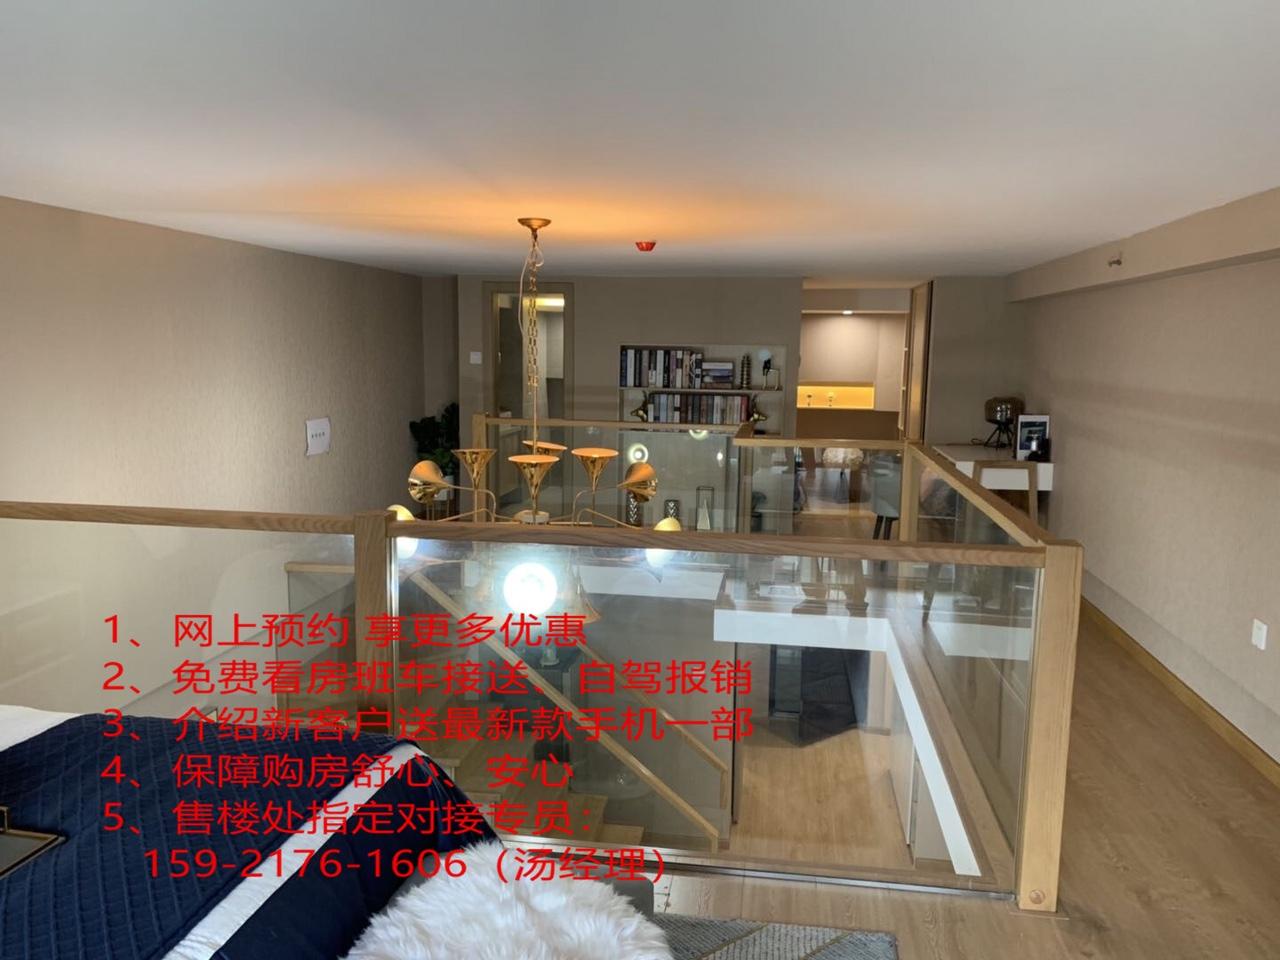 临港海滨时代公寓怎么样?单价多少?面积多大?首付比